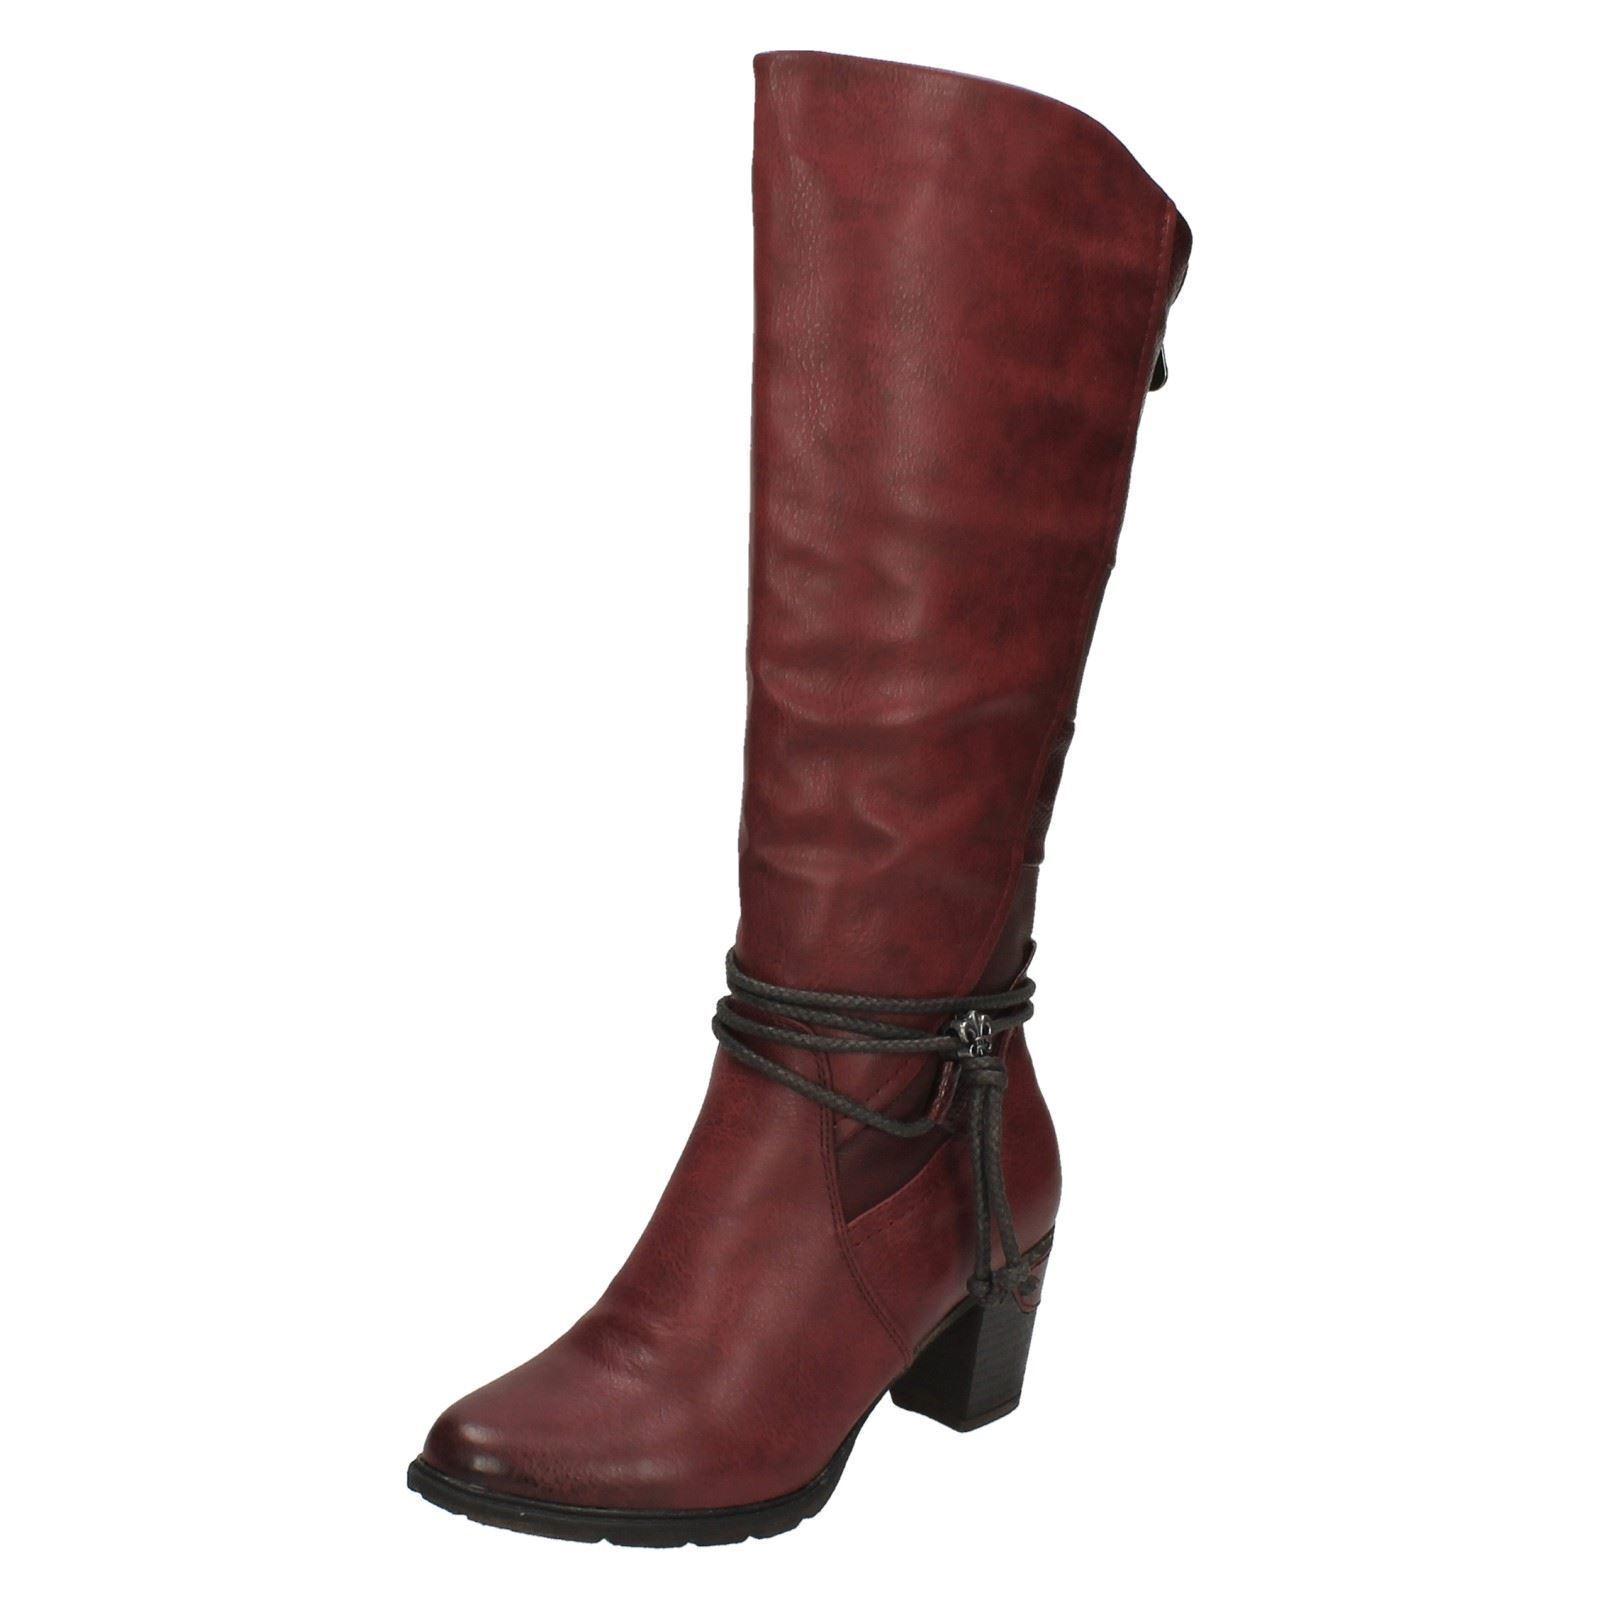 Damen Rieker 96058 Absatz rot warm gefüttert mit Absatz 96058 lange Stiefel 19b0ad